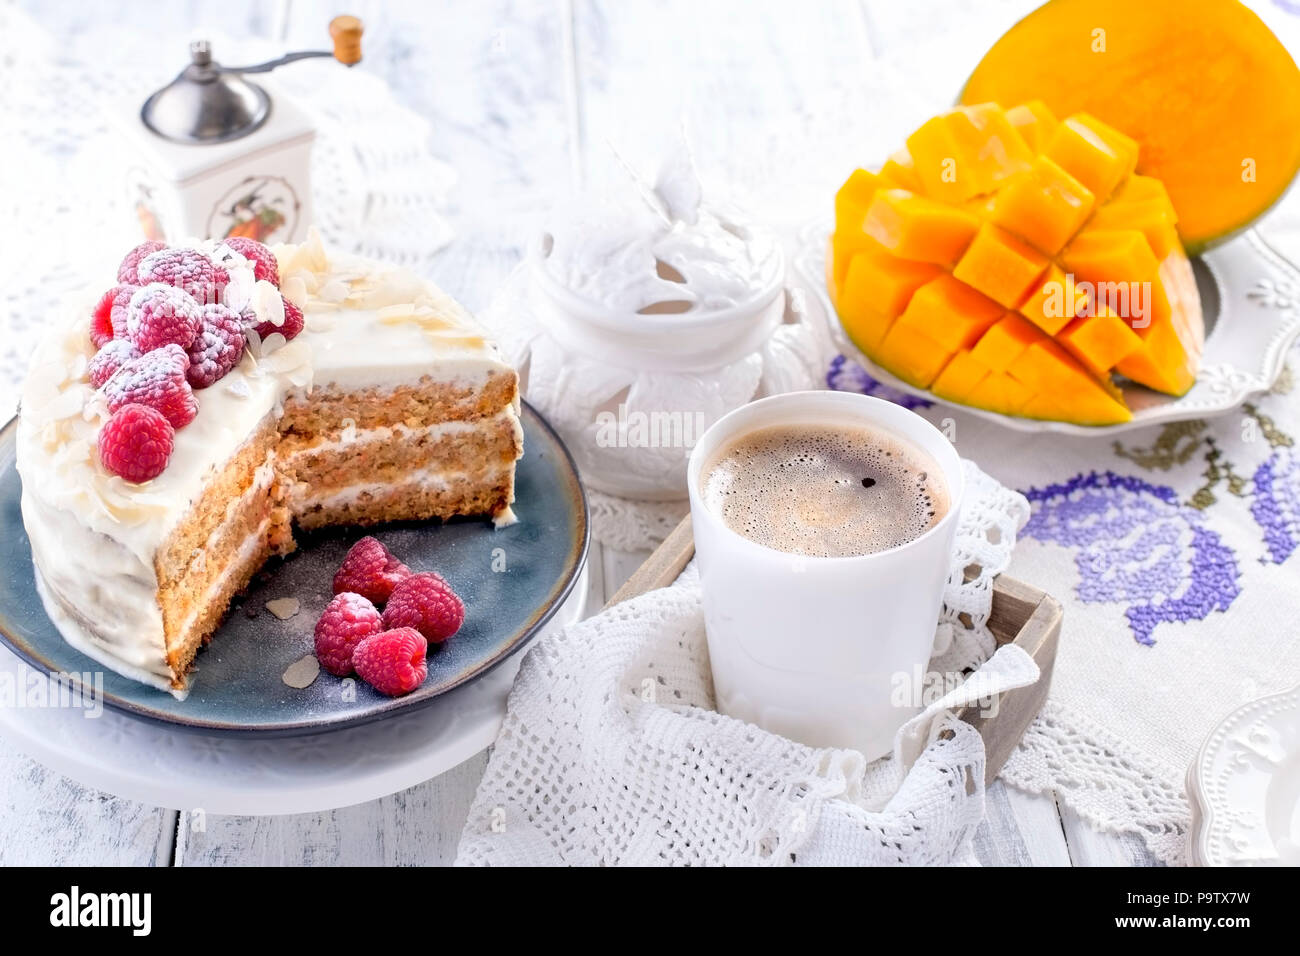 Cortar el pastel con crema blanca, para el desayuno. Una fruta de mango. Fondo blanco, manteles con encajes, una taza de aromático café negro y espacio libre para texto o publicidad. Imagen De Stock